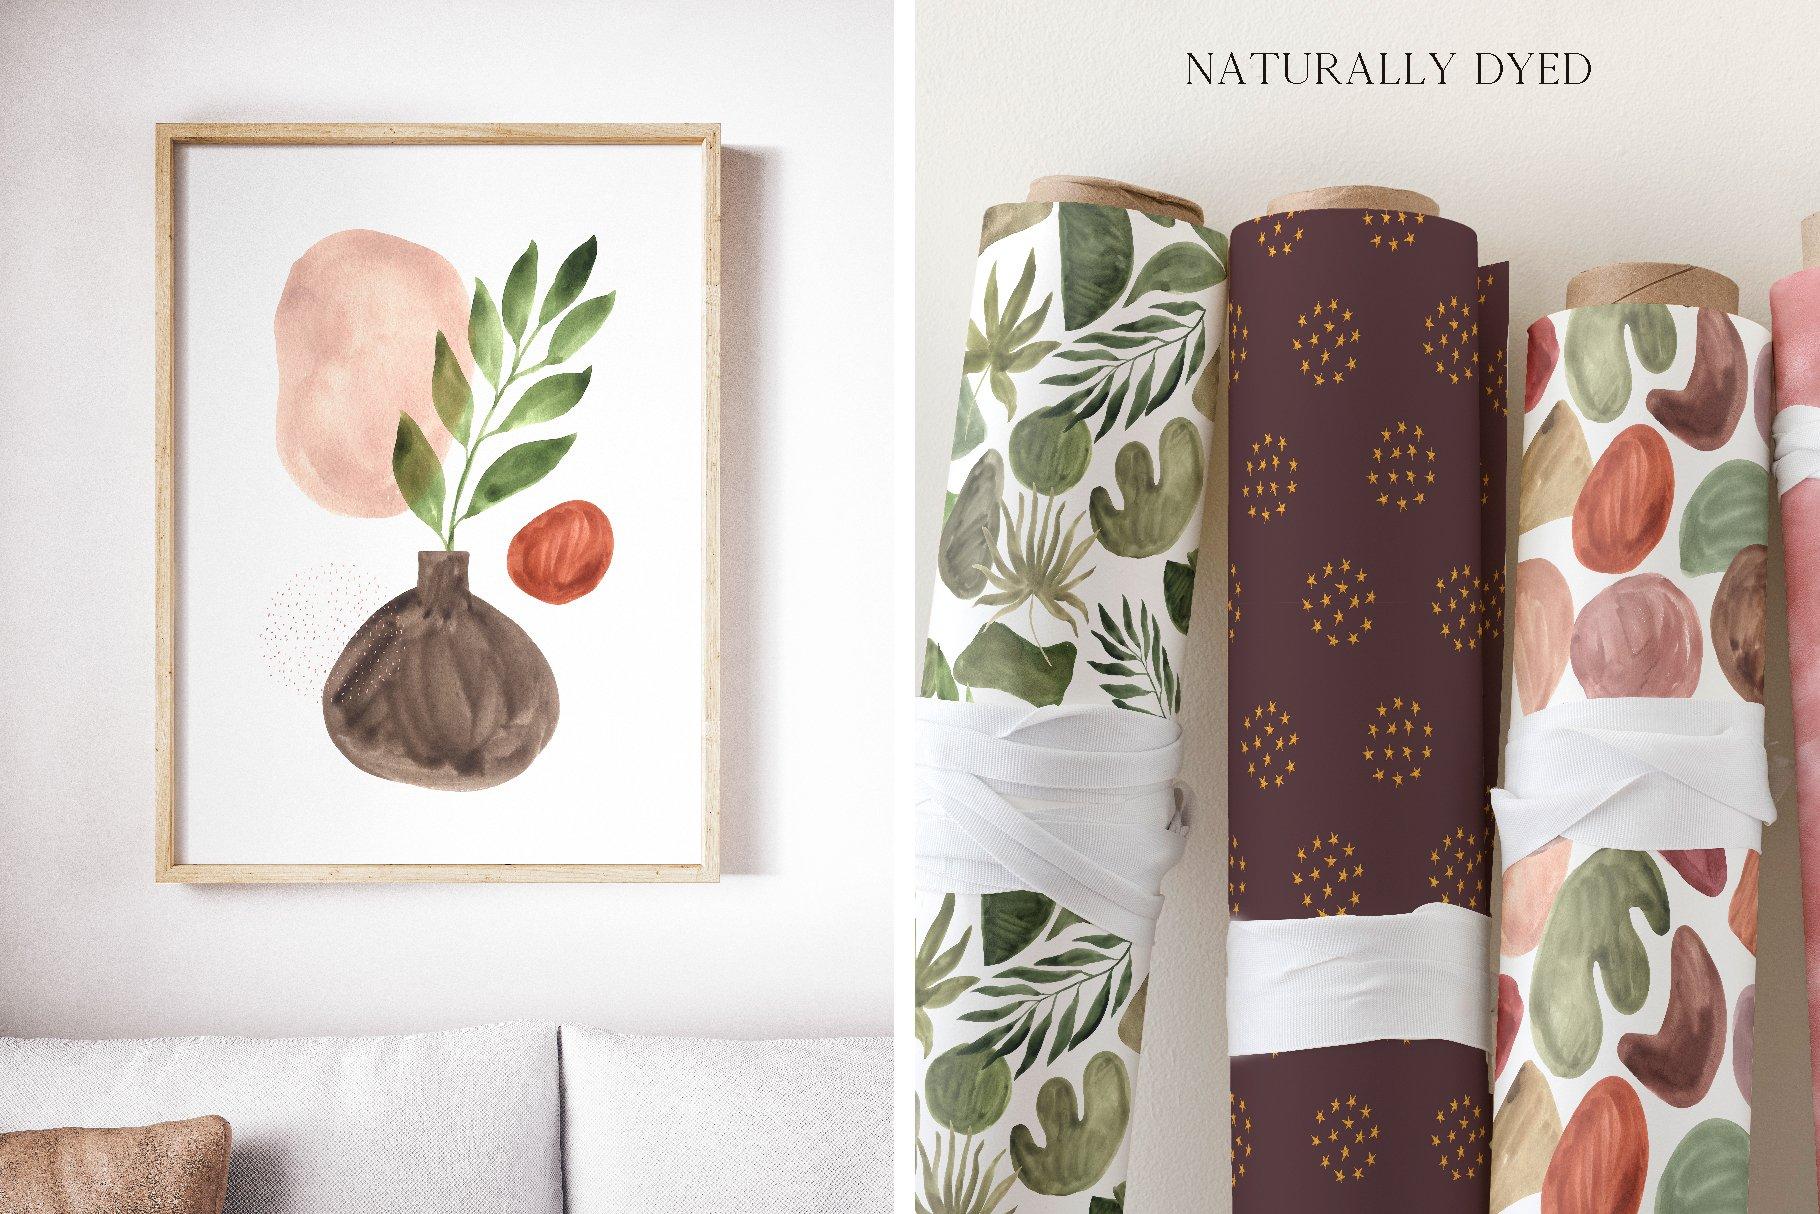 现代抽象水彩手绘植物花卉图案插画PNG免扣图片素材 Abstract Modern Watercolor Bundle插图(10)